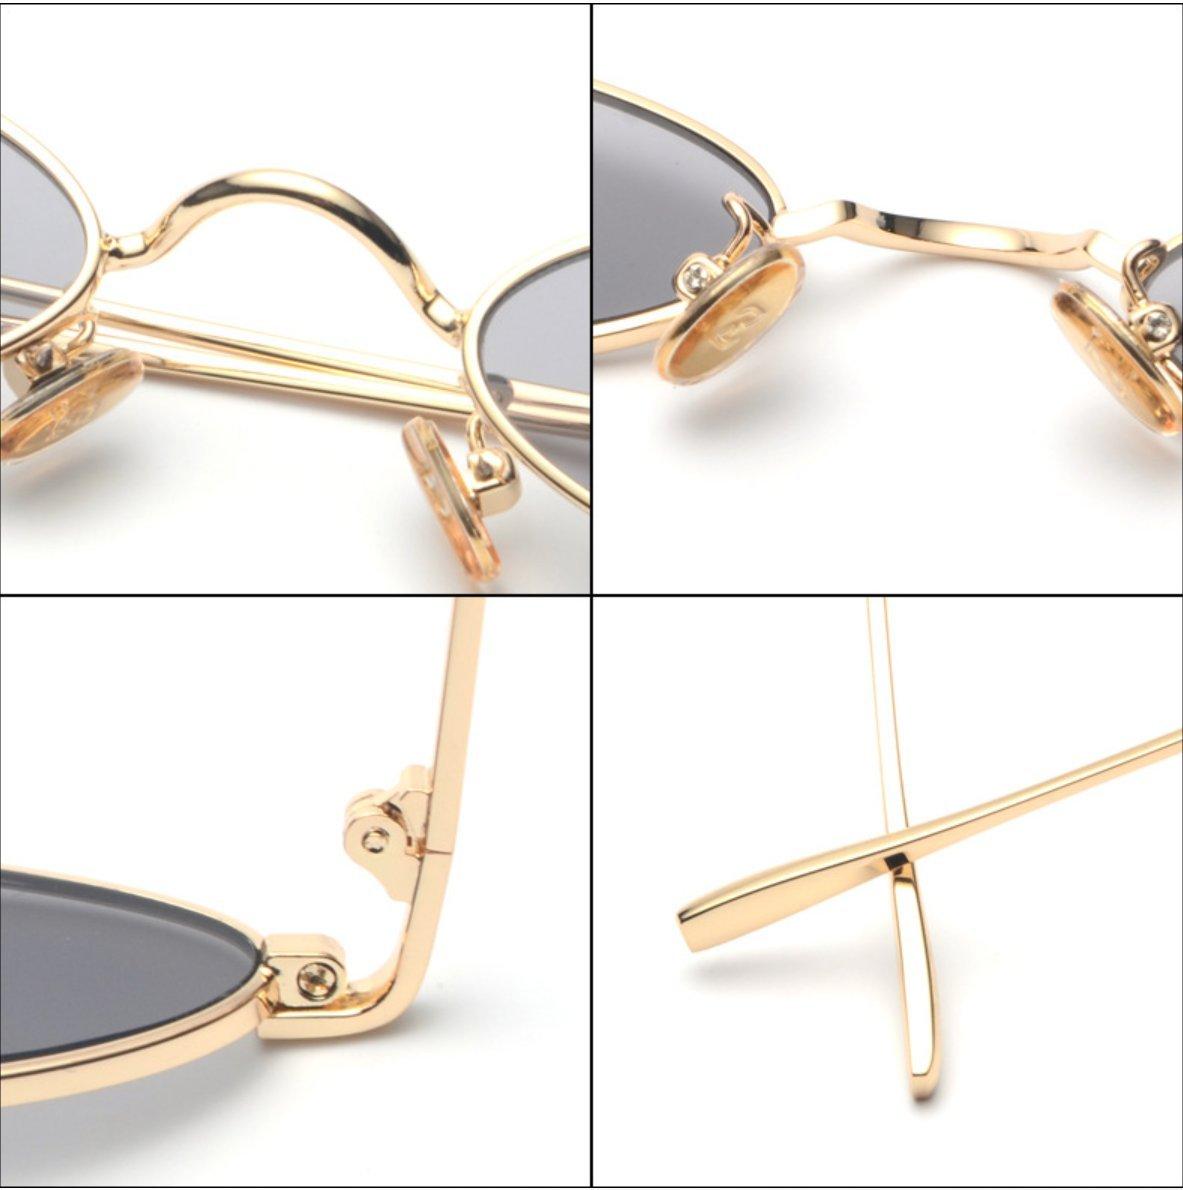 ZHANGYUSEN New Ladies Oval Sunglasses damen damen damen Men Retro Metal Frame Gelb rot Lens Shade Vintage Round Sun Glasses Eyewear Male Uv400 B07D8R7GV3 Sonnenbrillen Macht das Leben 750348